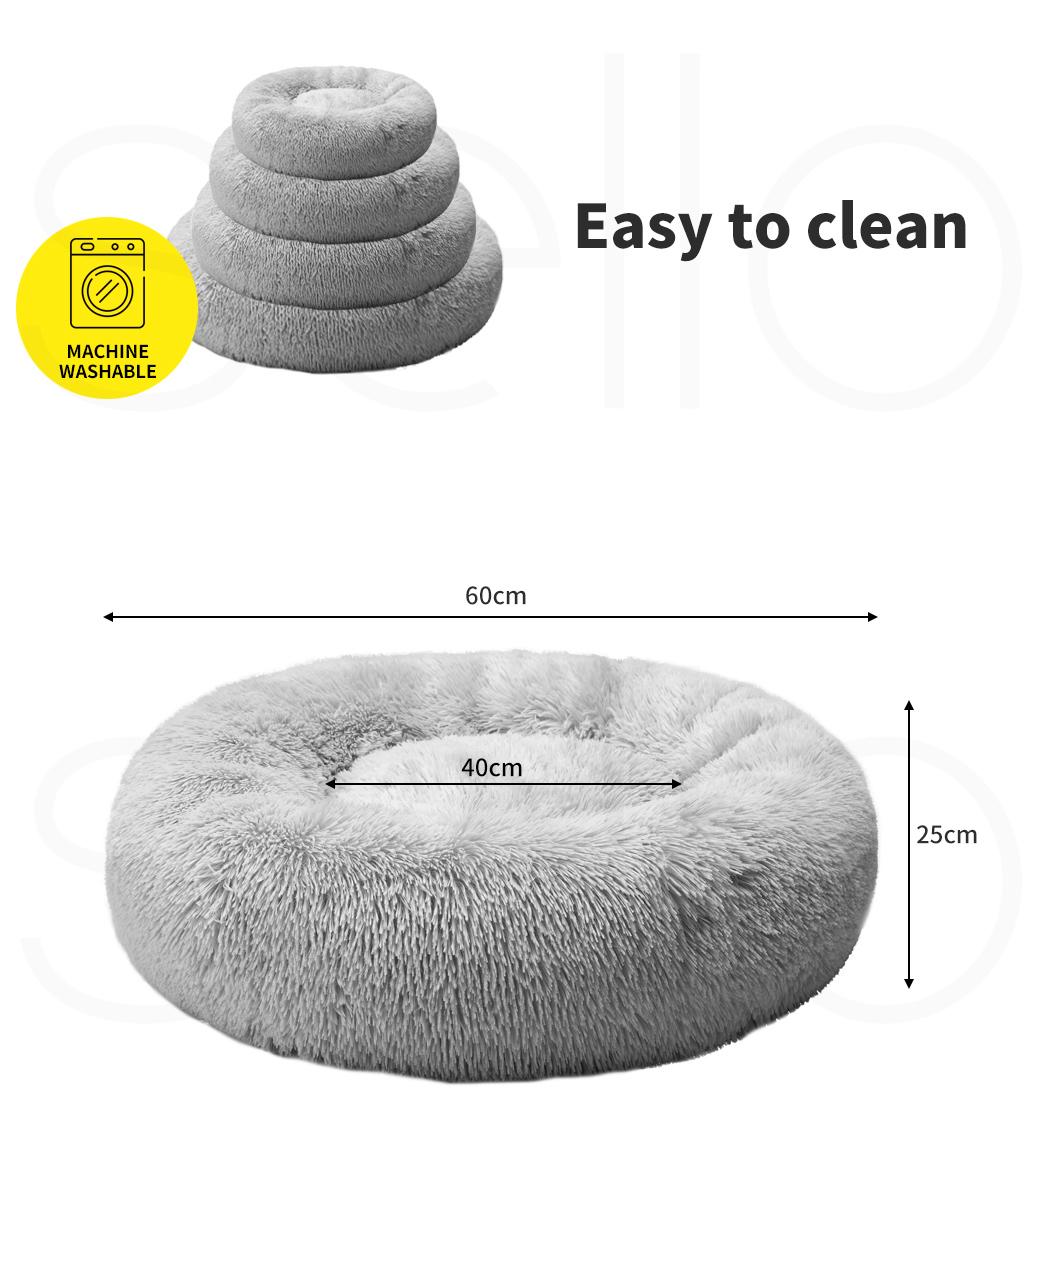 thumbnail 86 - PaWz Pet Bed Cat Dog Donut Nest Calming Mat Soft Plush Kennel Cave Deep Sleeping